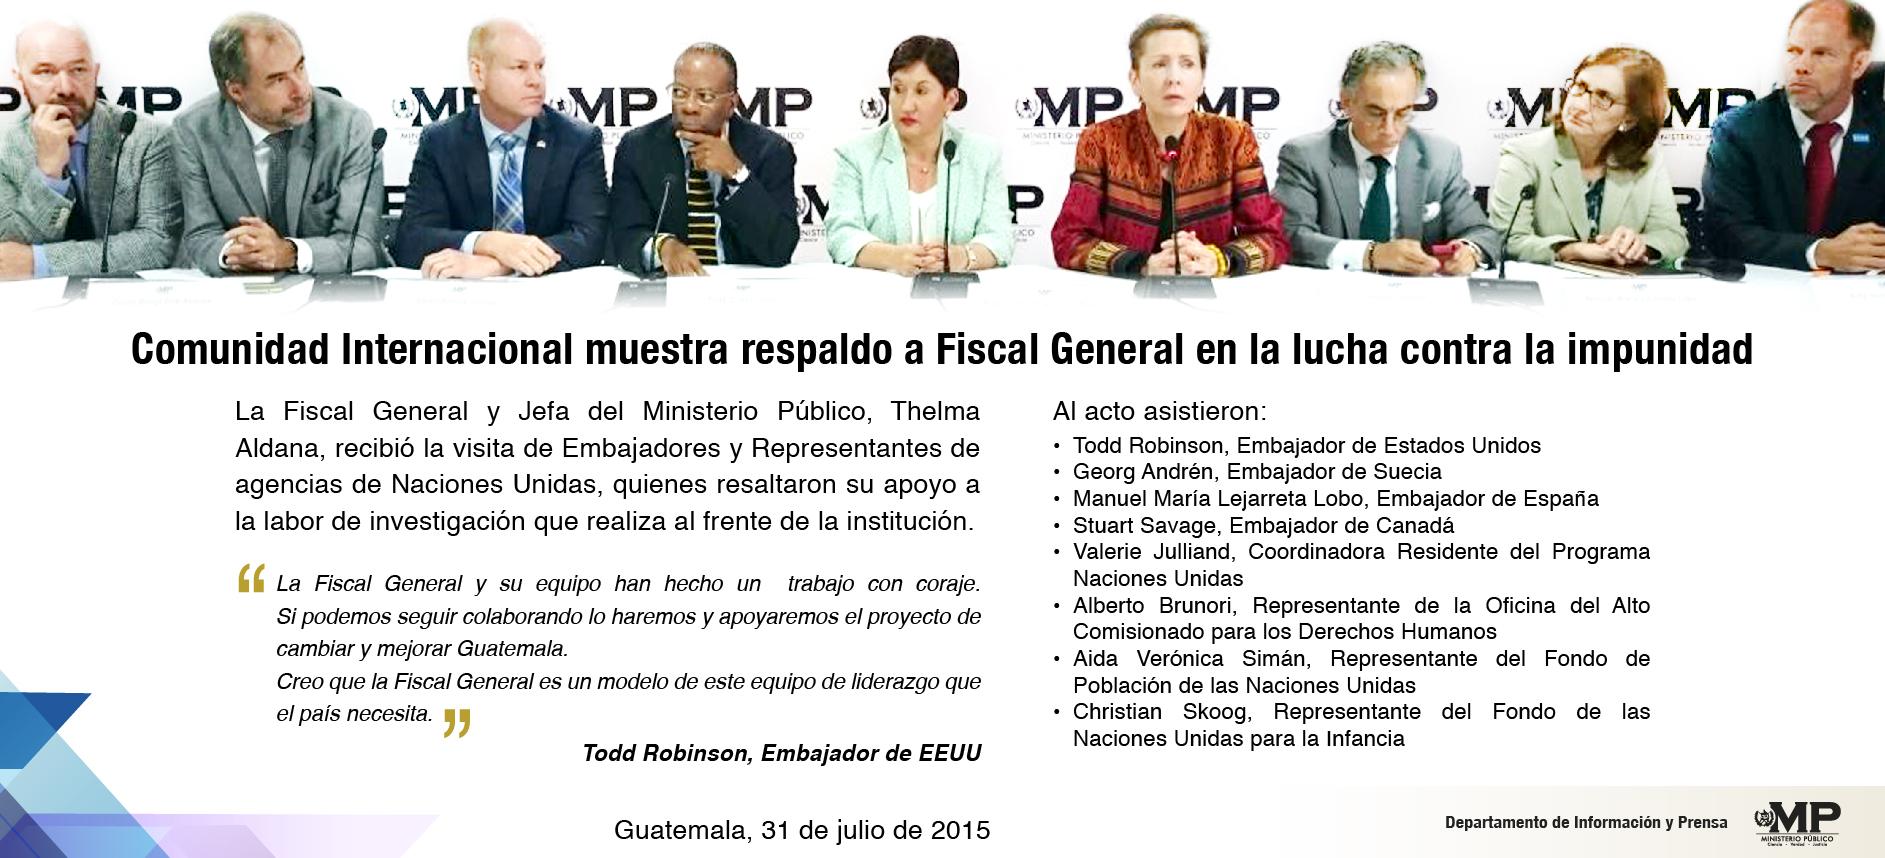 Comunidad Internacional muestra respaldo a Fiscal General en lucha contra la impunidad